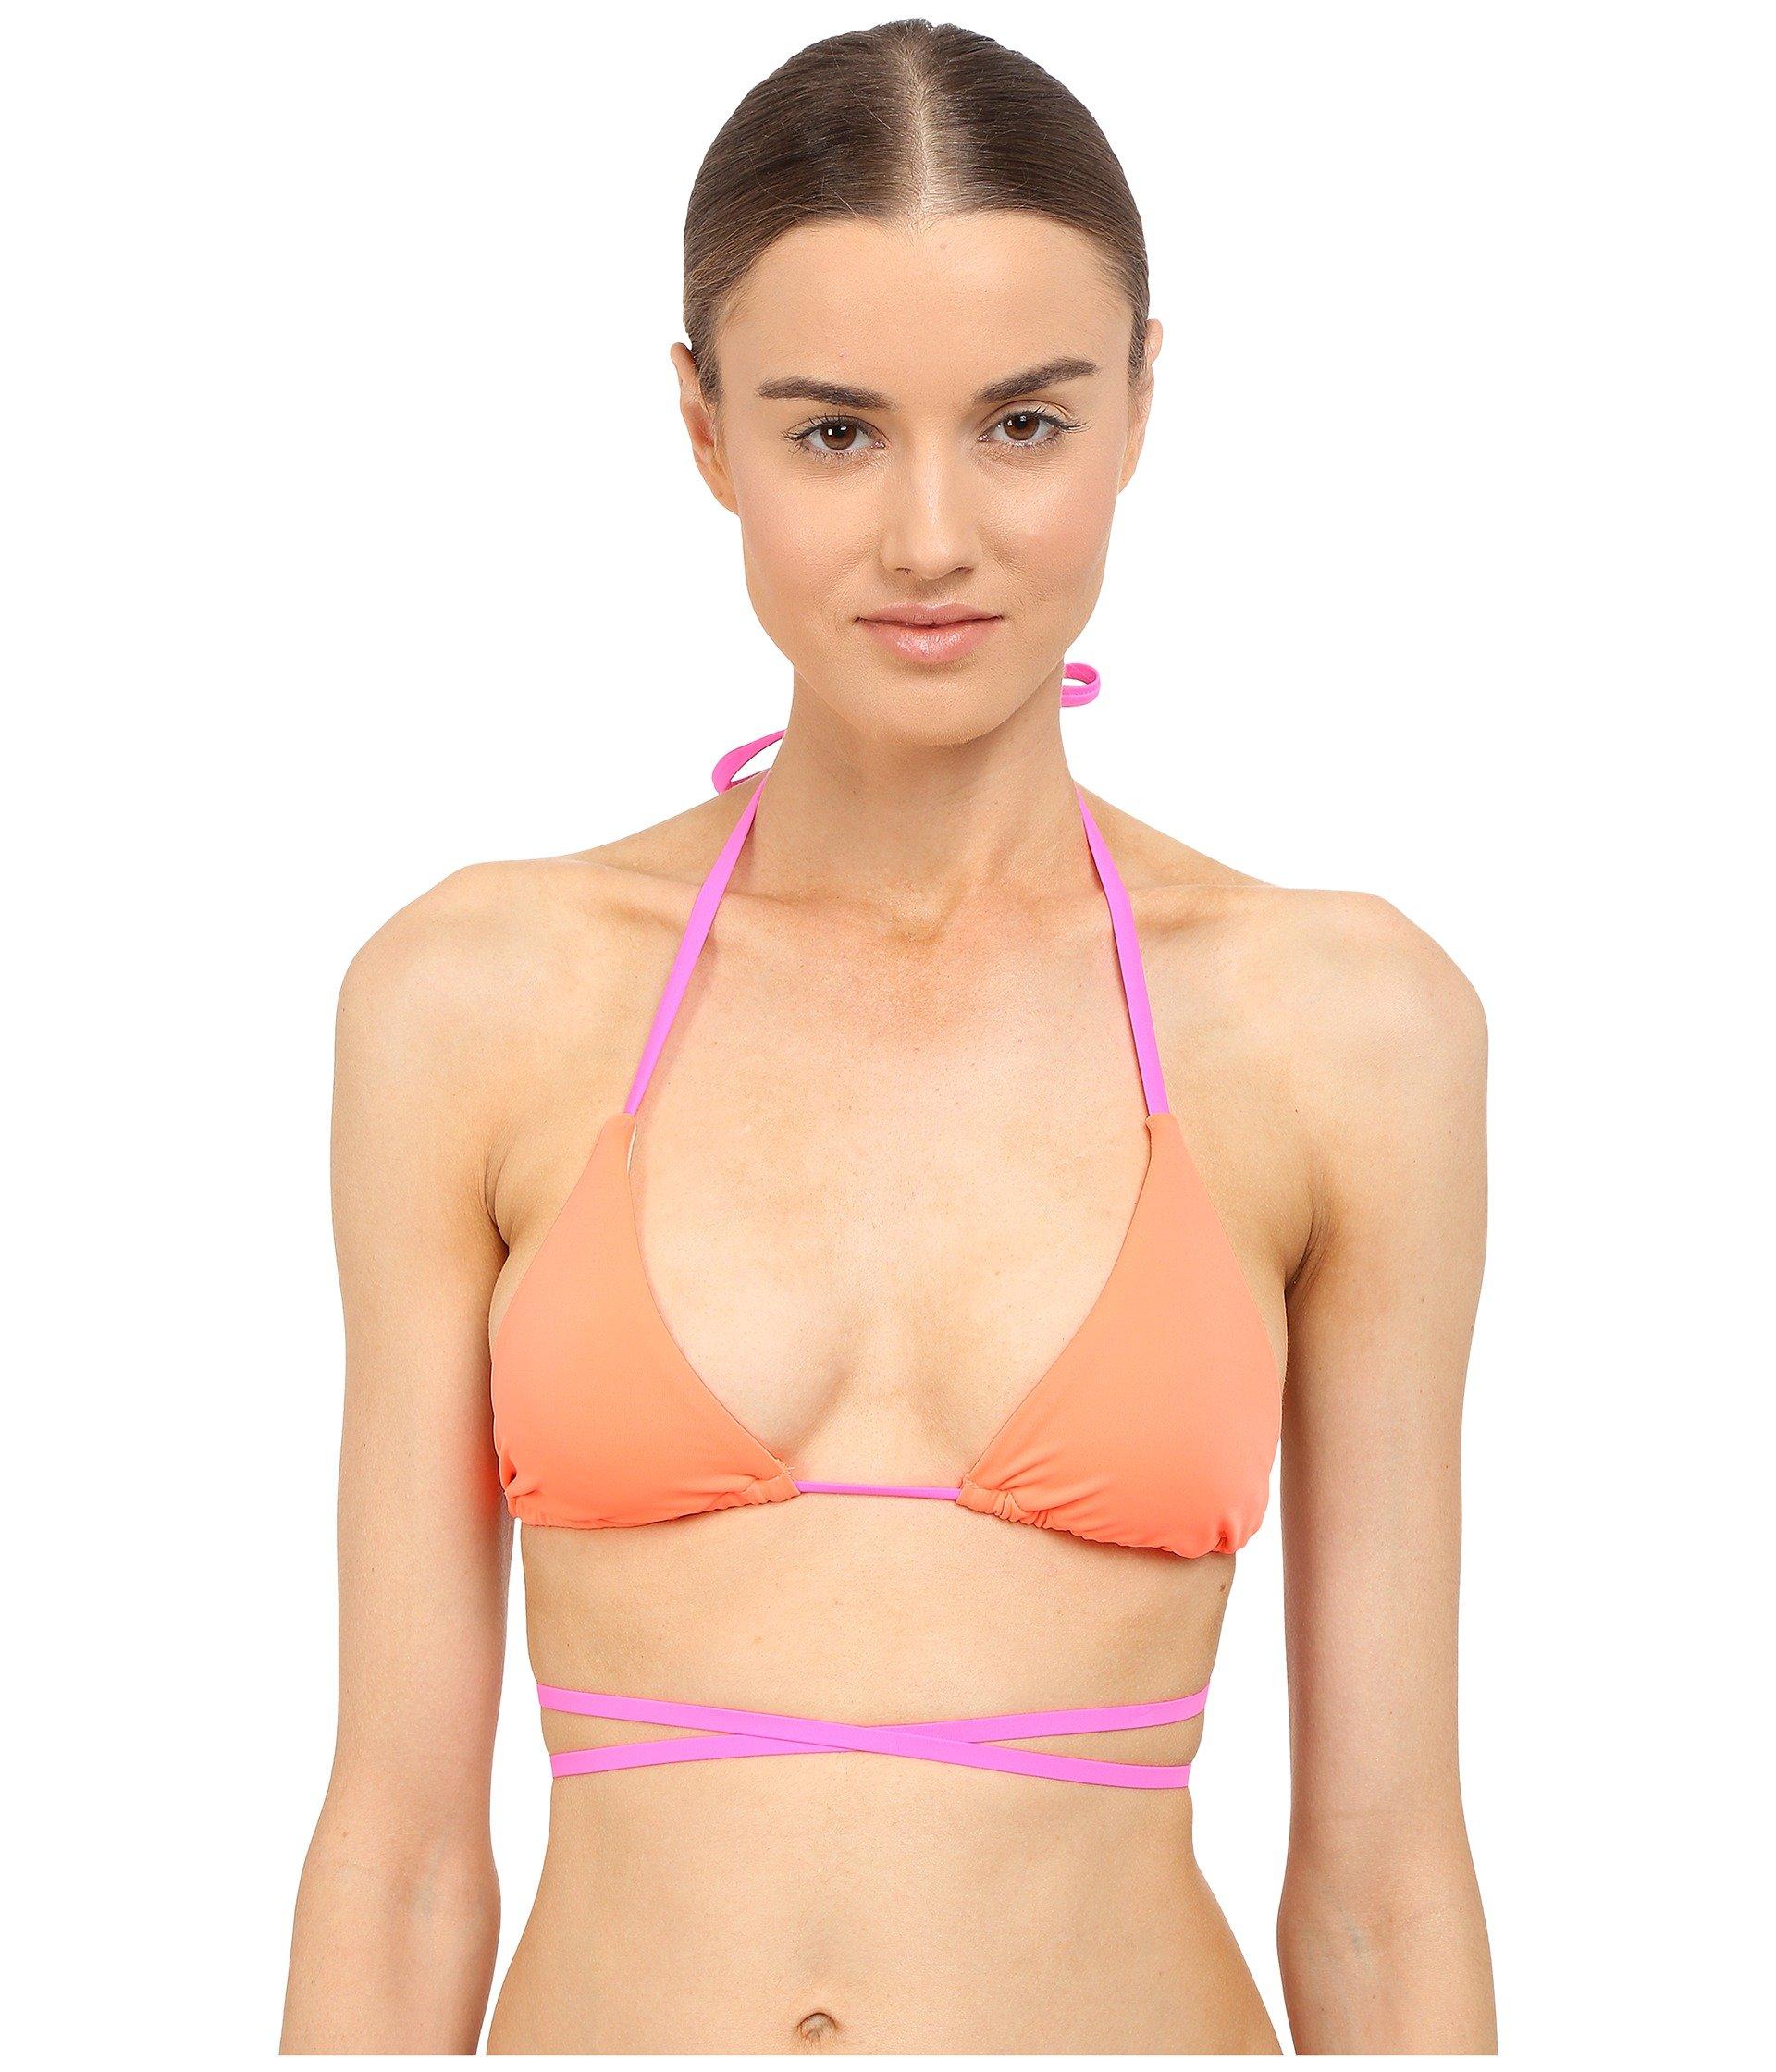 L Agent Eleena Bikini Top In Pink Neon Lemon  9bc25bf3f